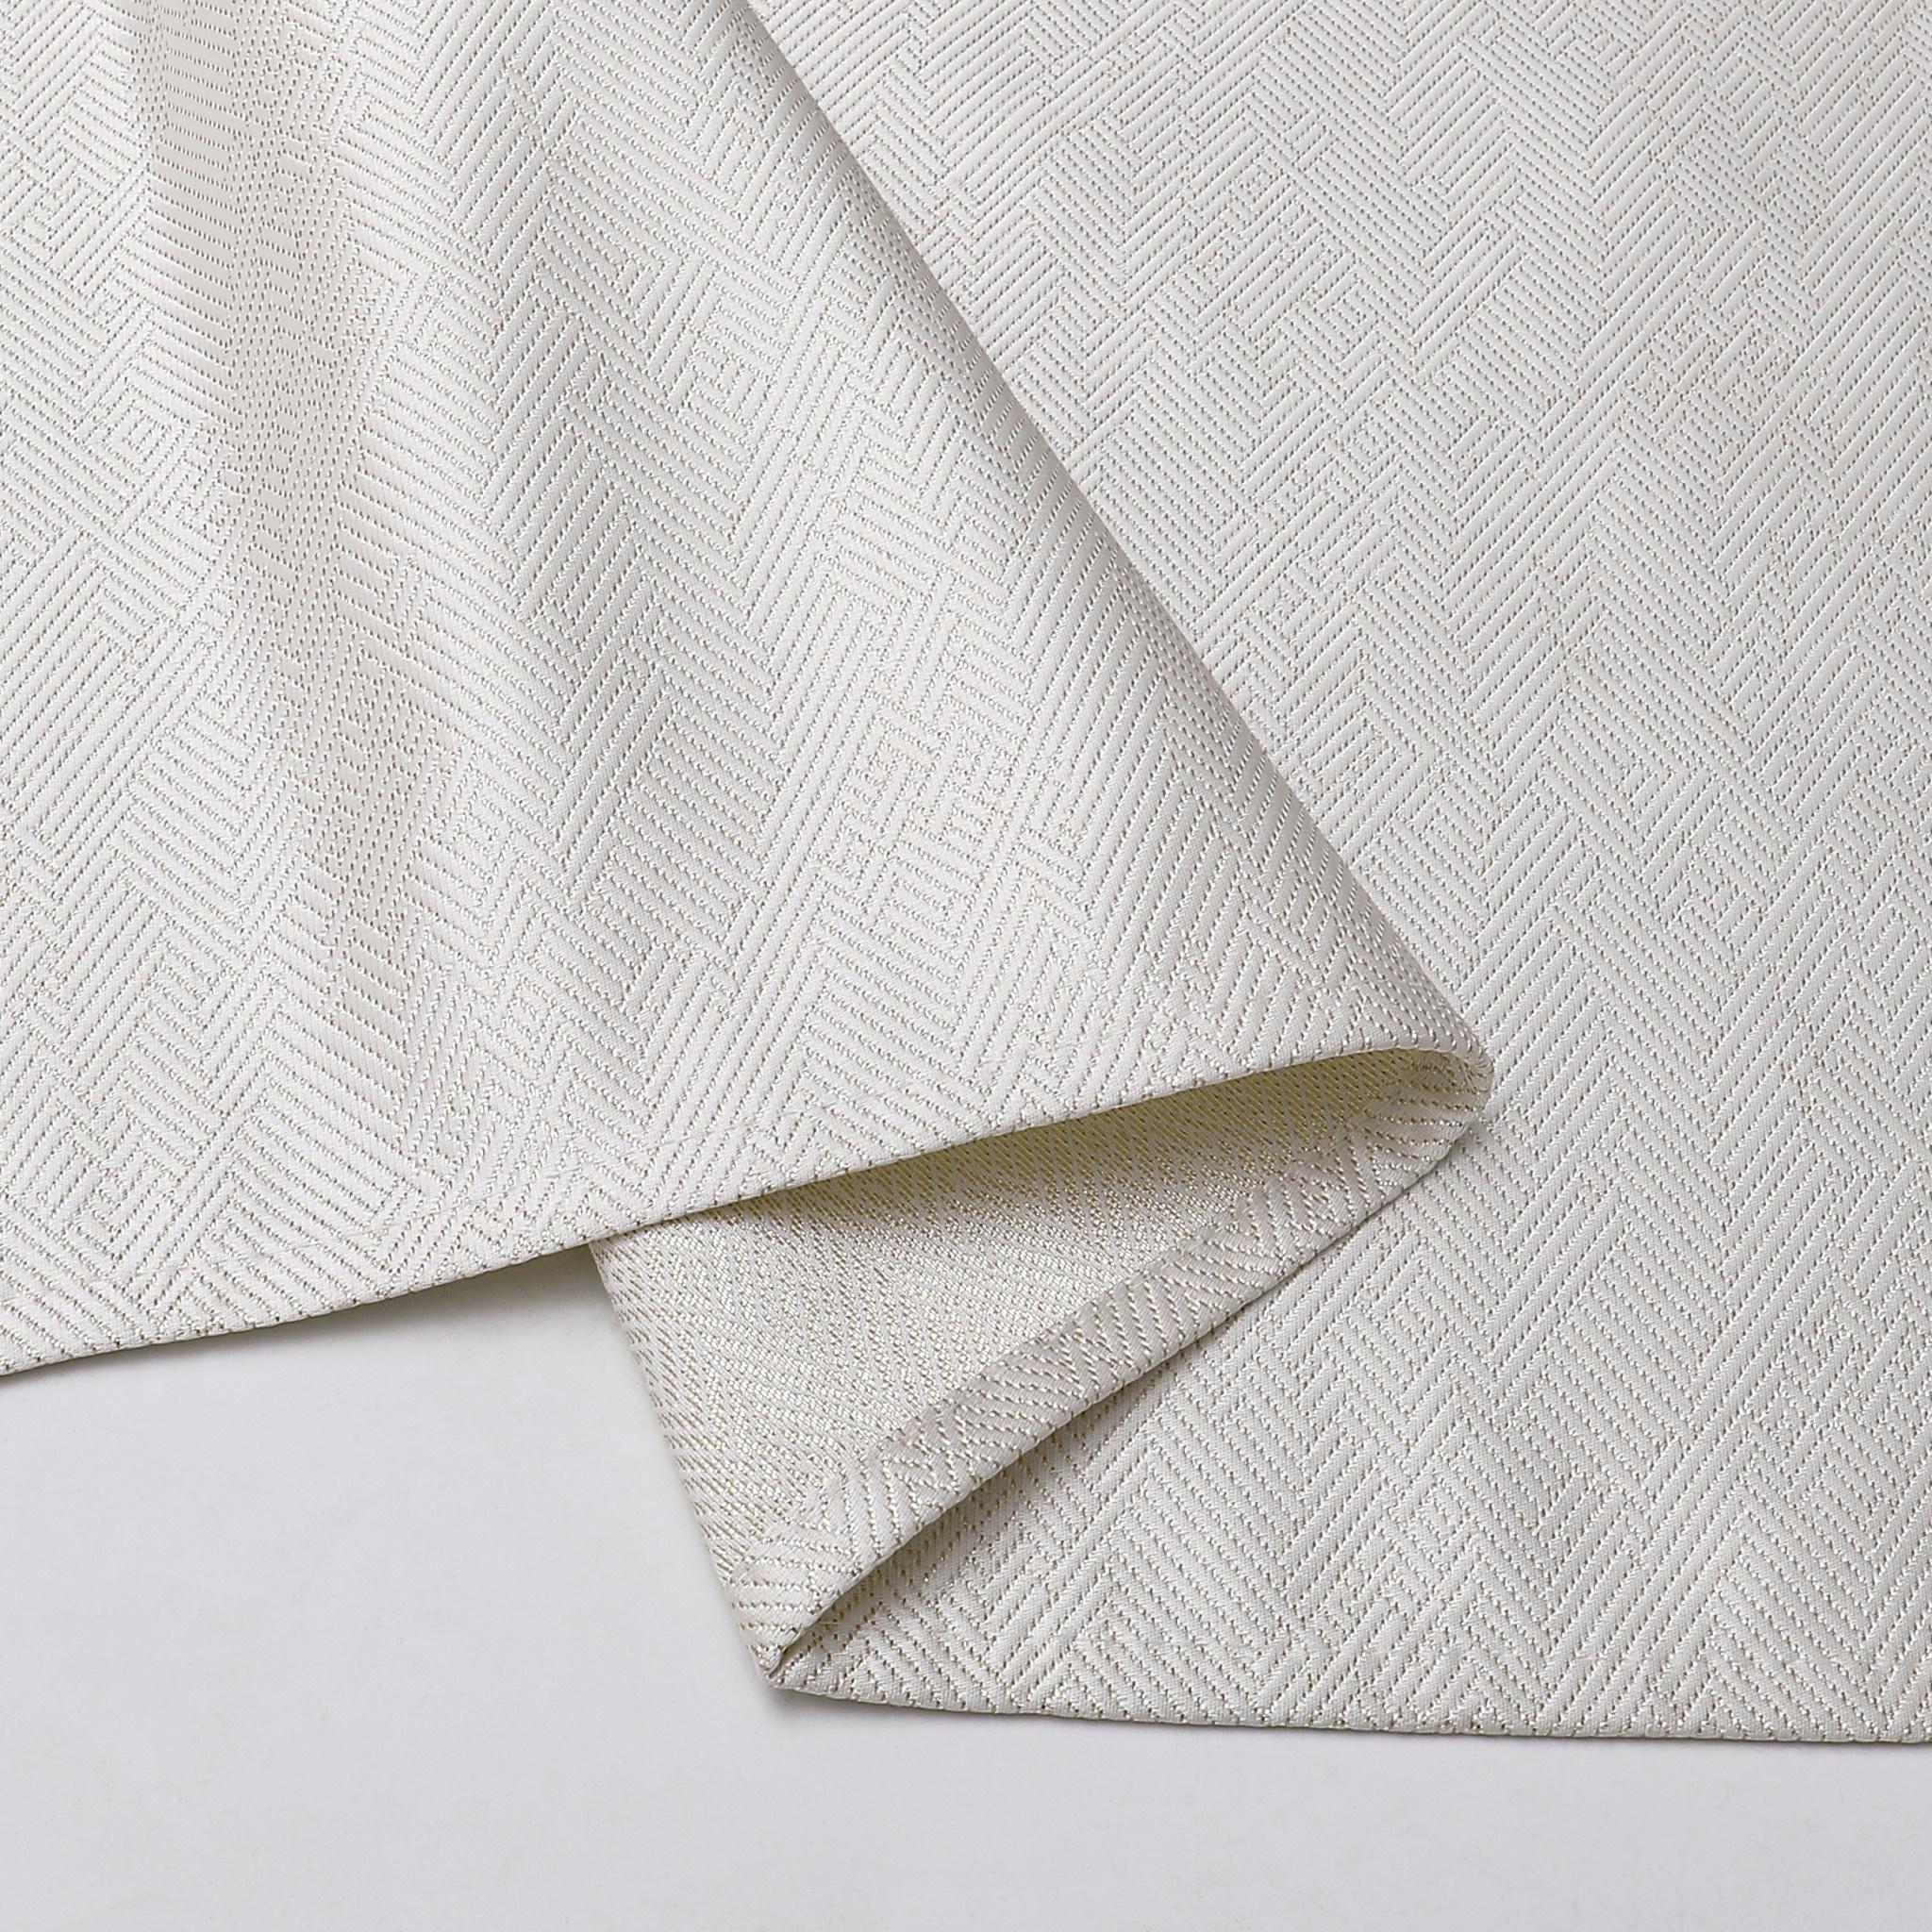 TC1336- 70 x 108 Jacquard  Desert White Gold Tablecloth